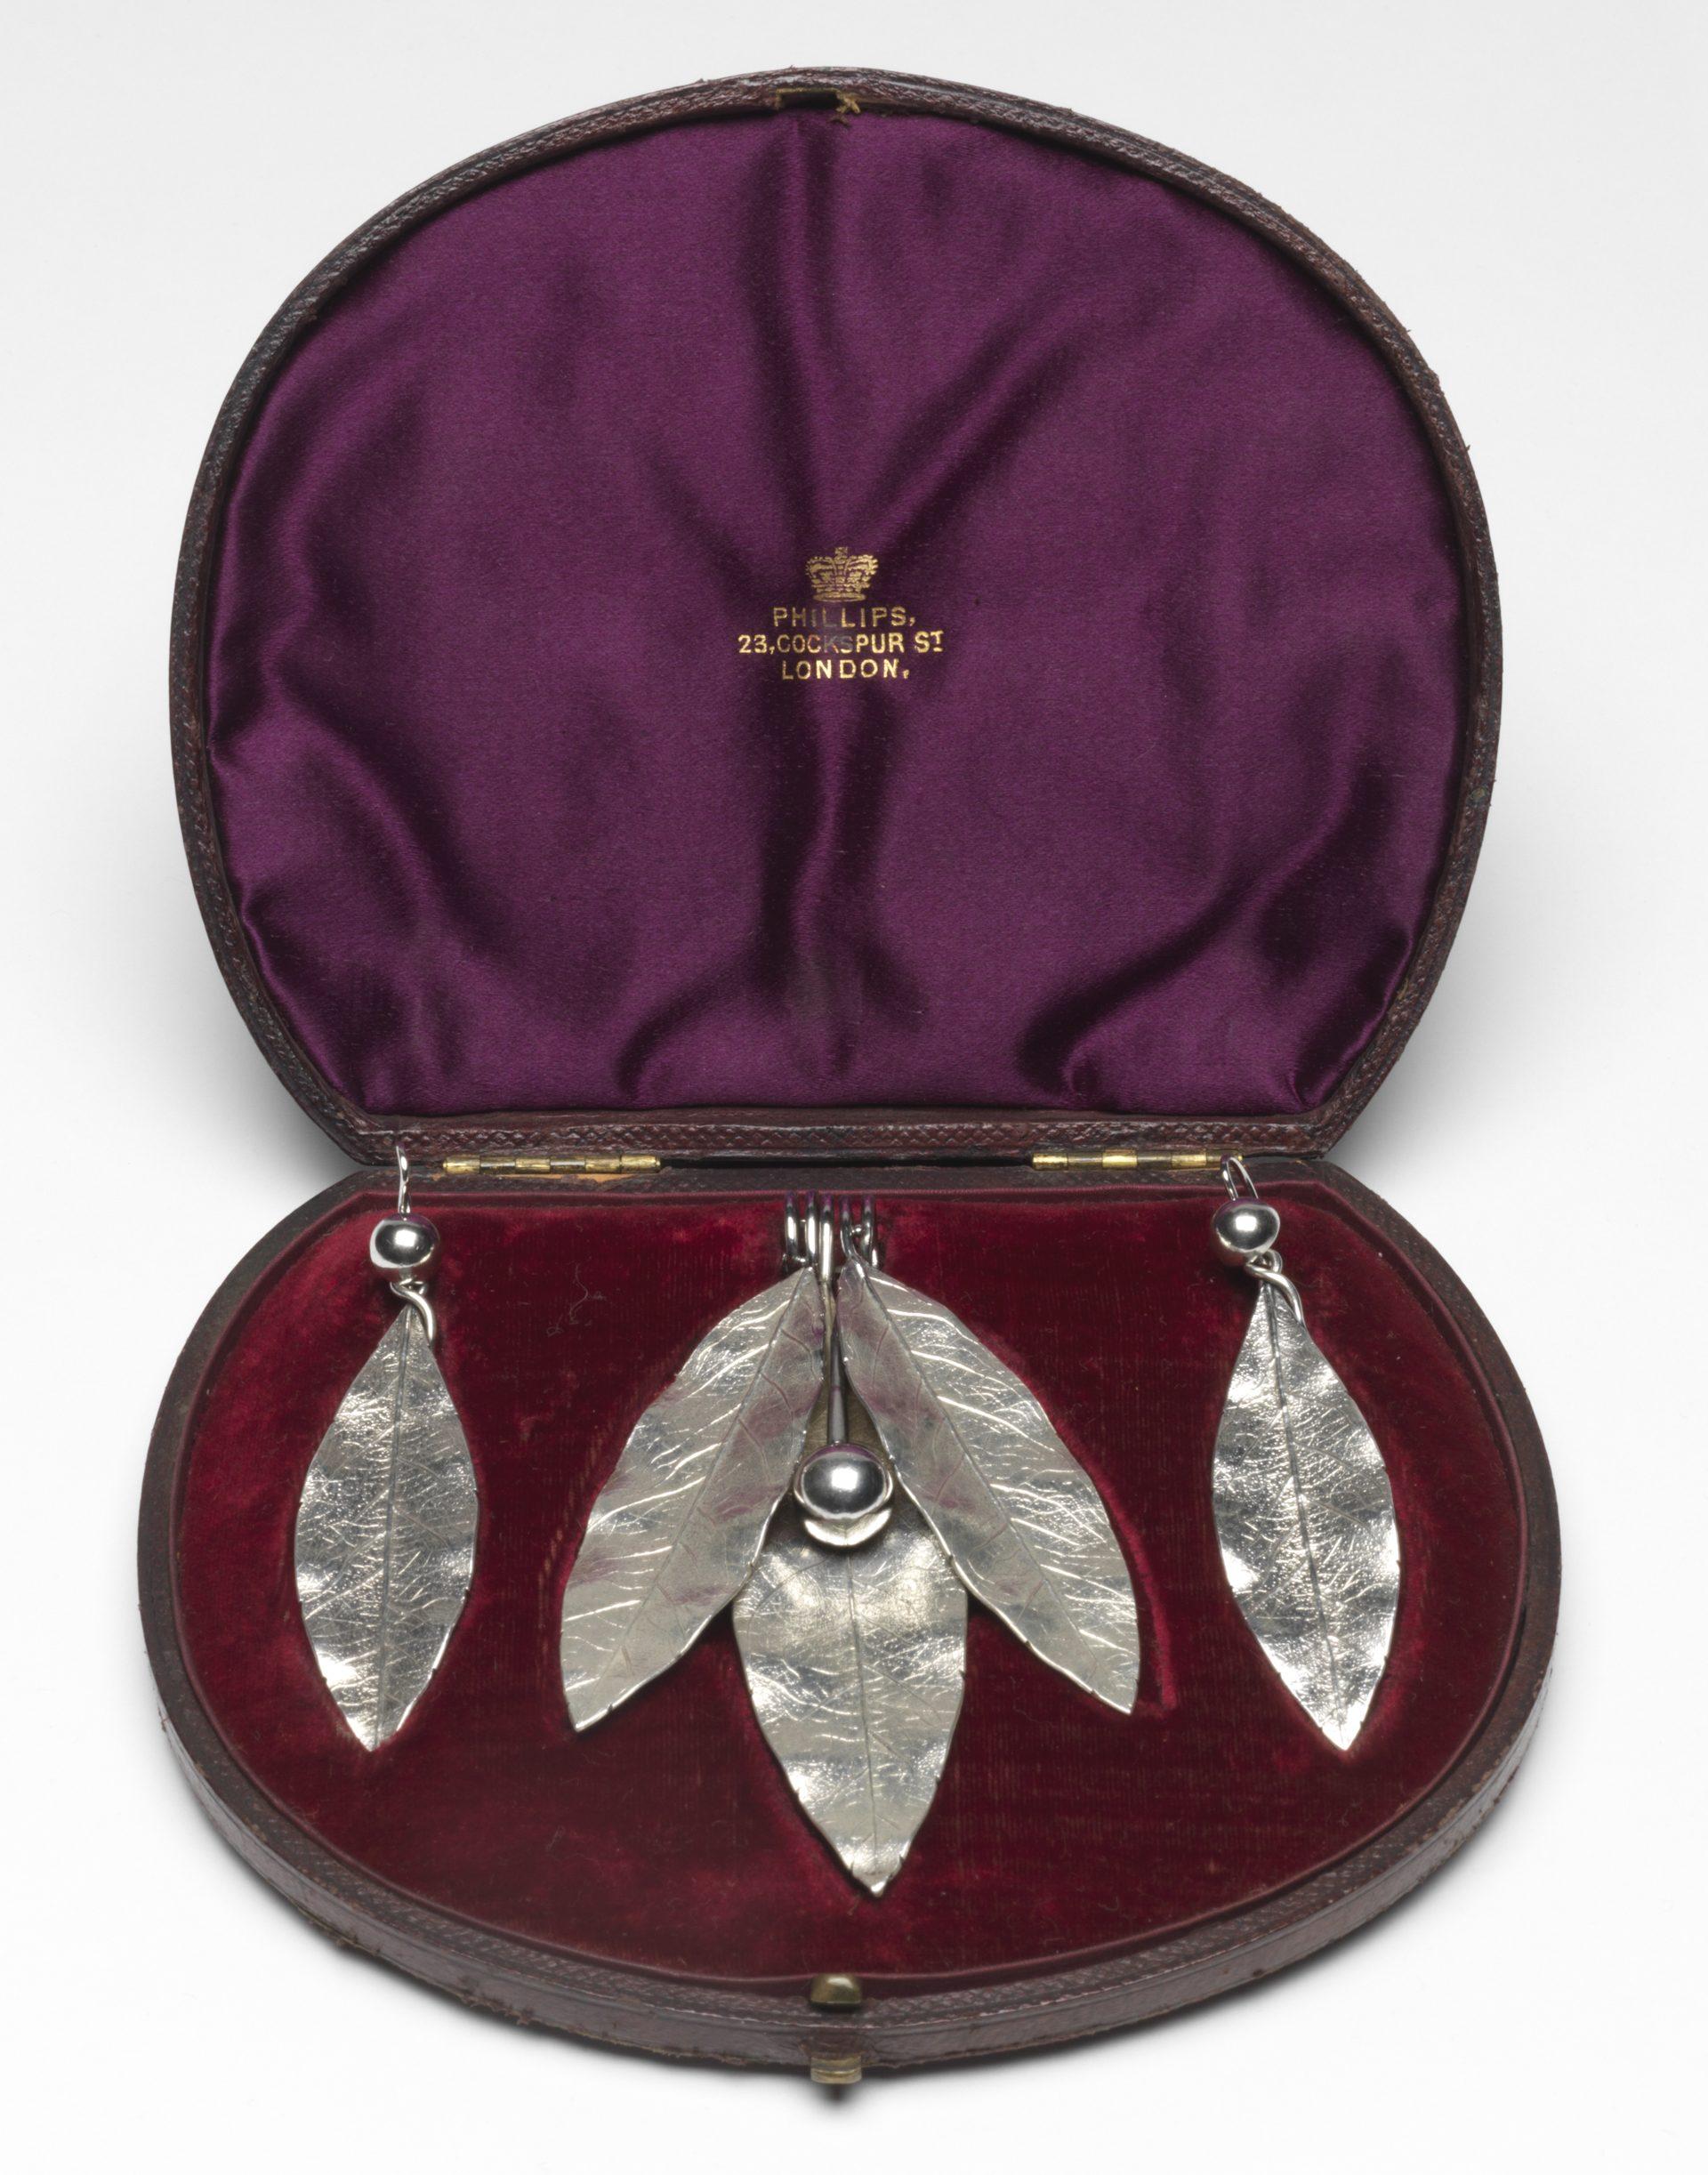 Phillips Brothers, hanger en oorbellen, circa 1855-1869. Foto met dank aan The Fitzwilliam Museum©